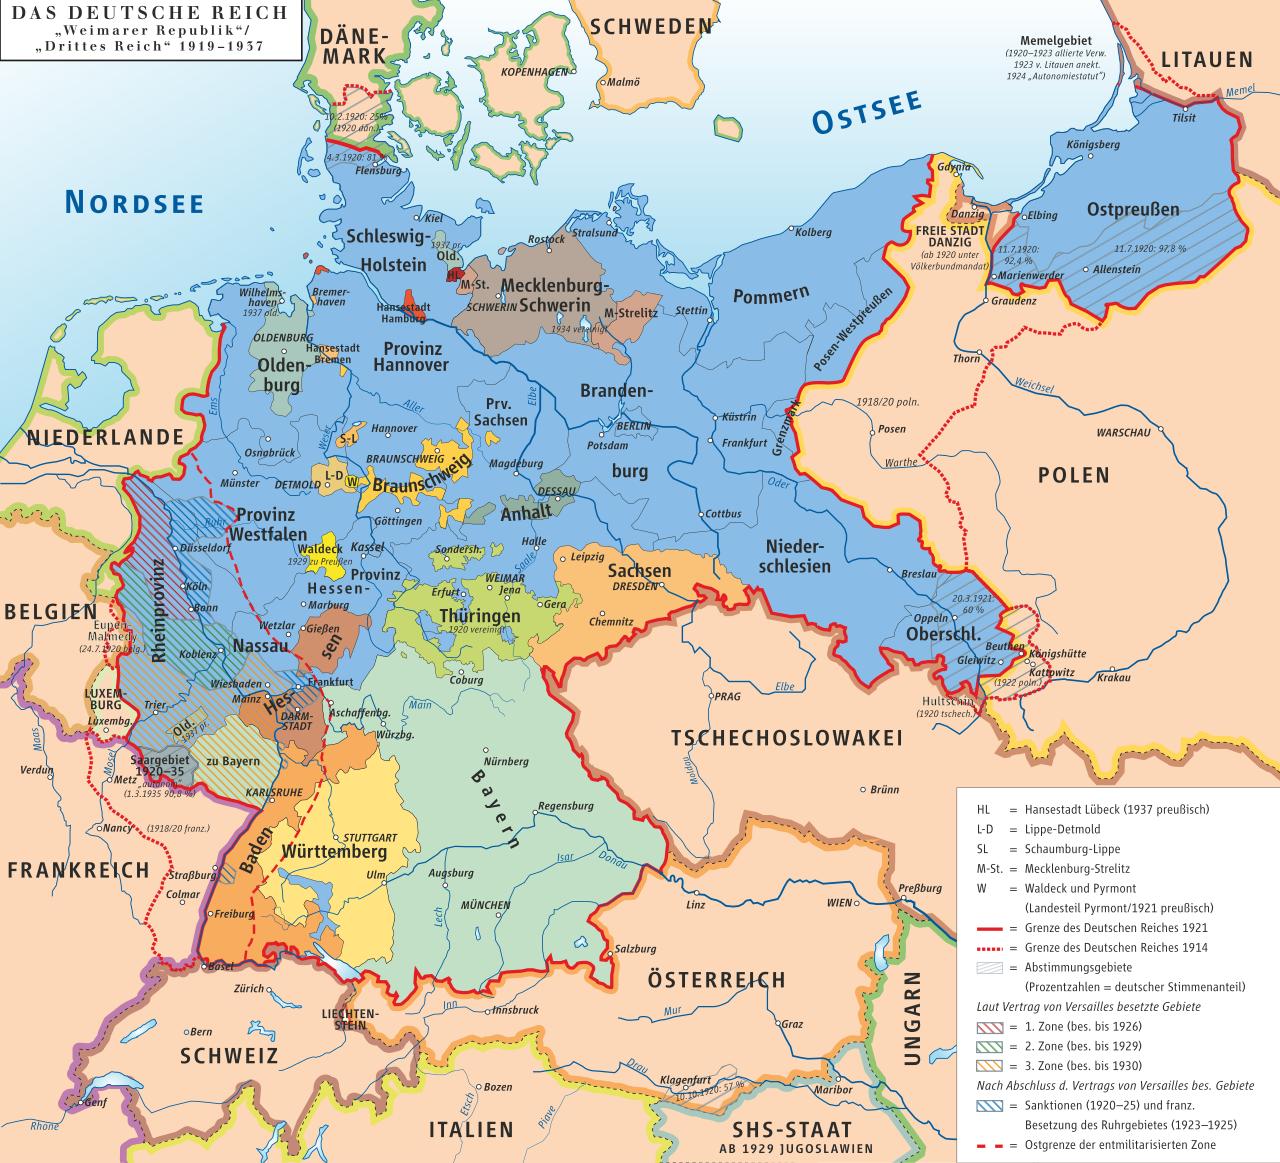 1280px-Karte_des_Deutschen_Reiches,_Weimarer_Republik-Drittes_Reich_1919–1937.svg.png